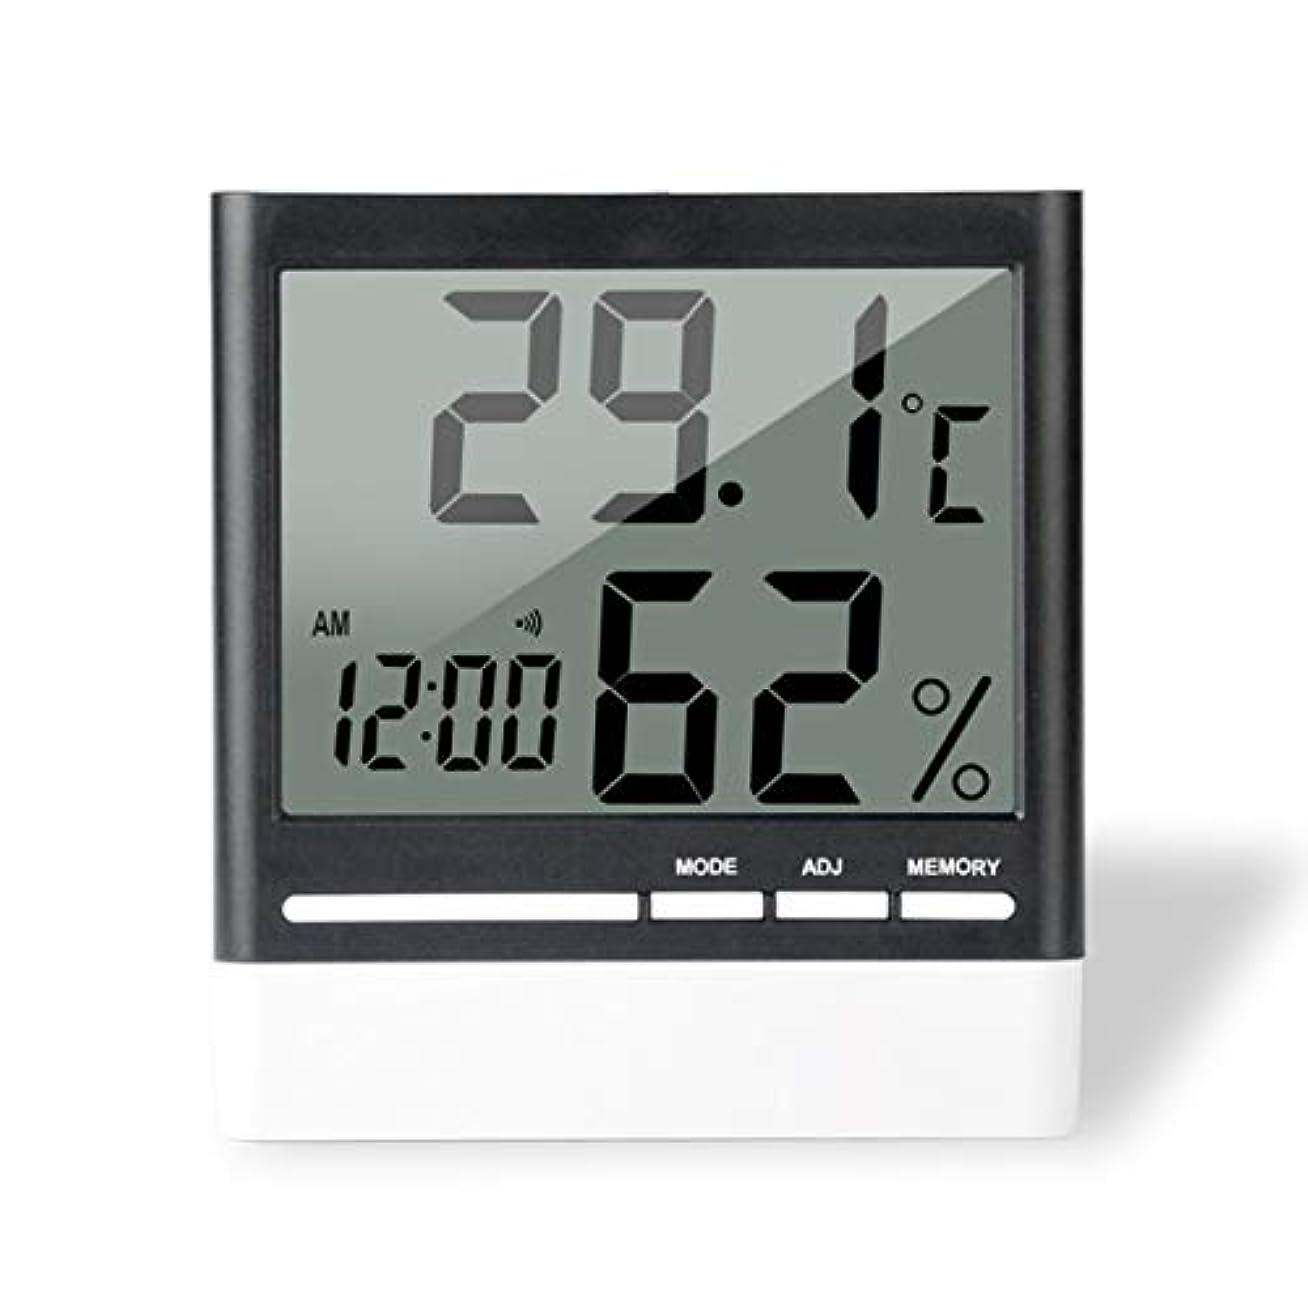 進捗乏しいどうやってSaikogoods 電子体温計湿度計 デジタルディスプレイ 温度湿度モニター アラーム時計 屋内家庭用 ブラック